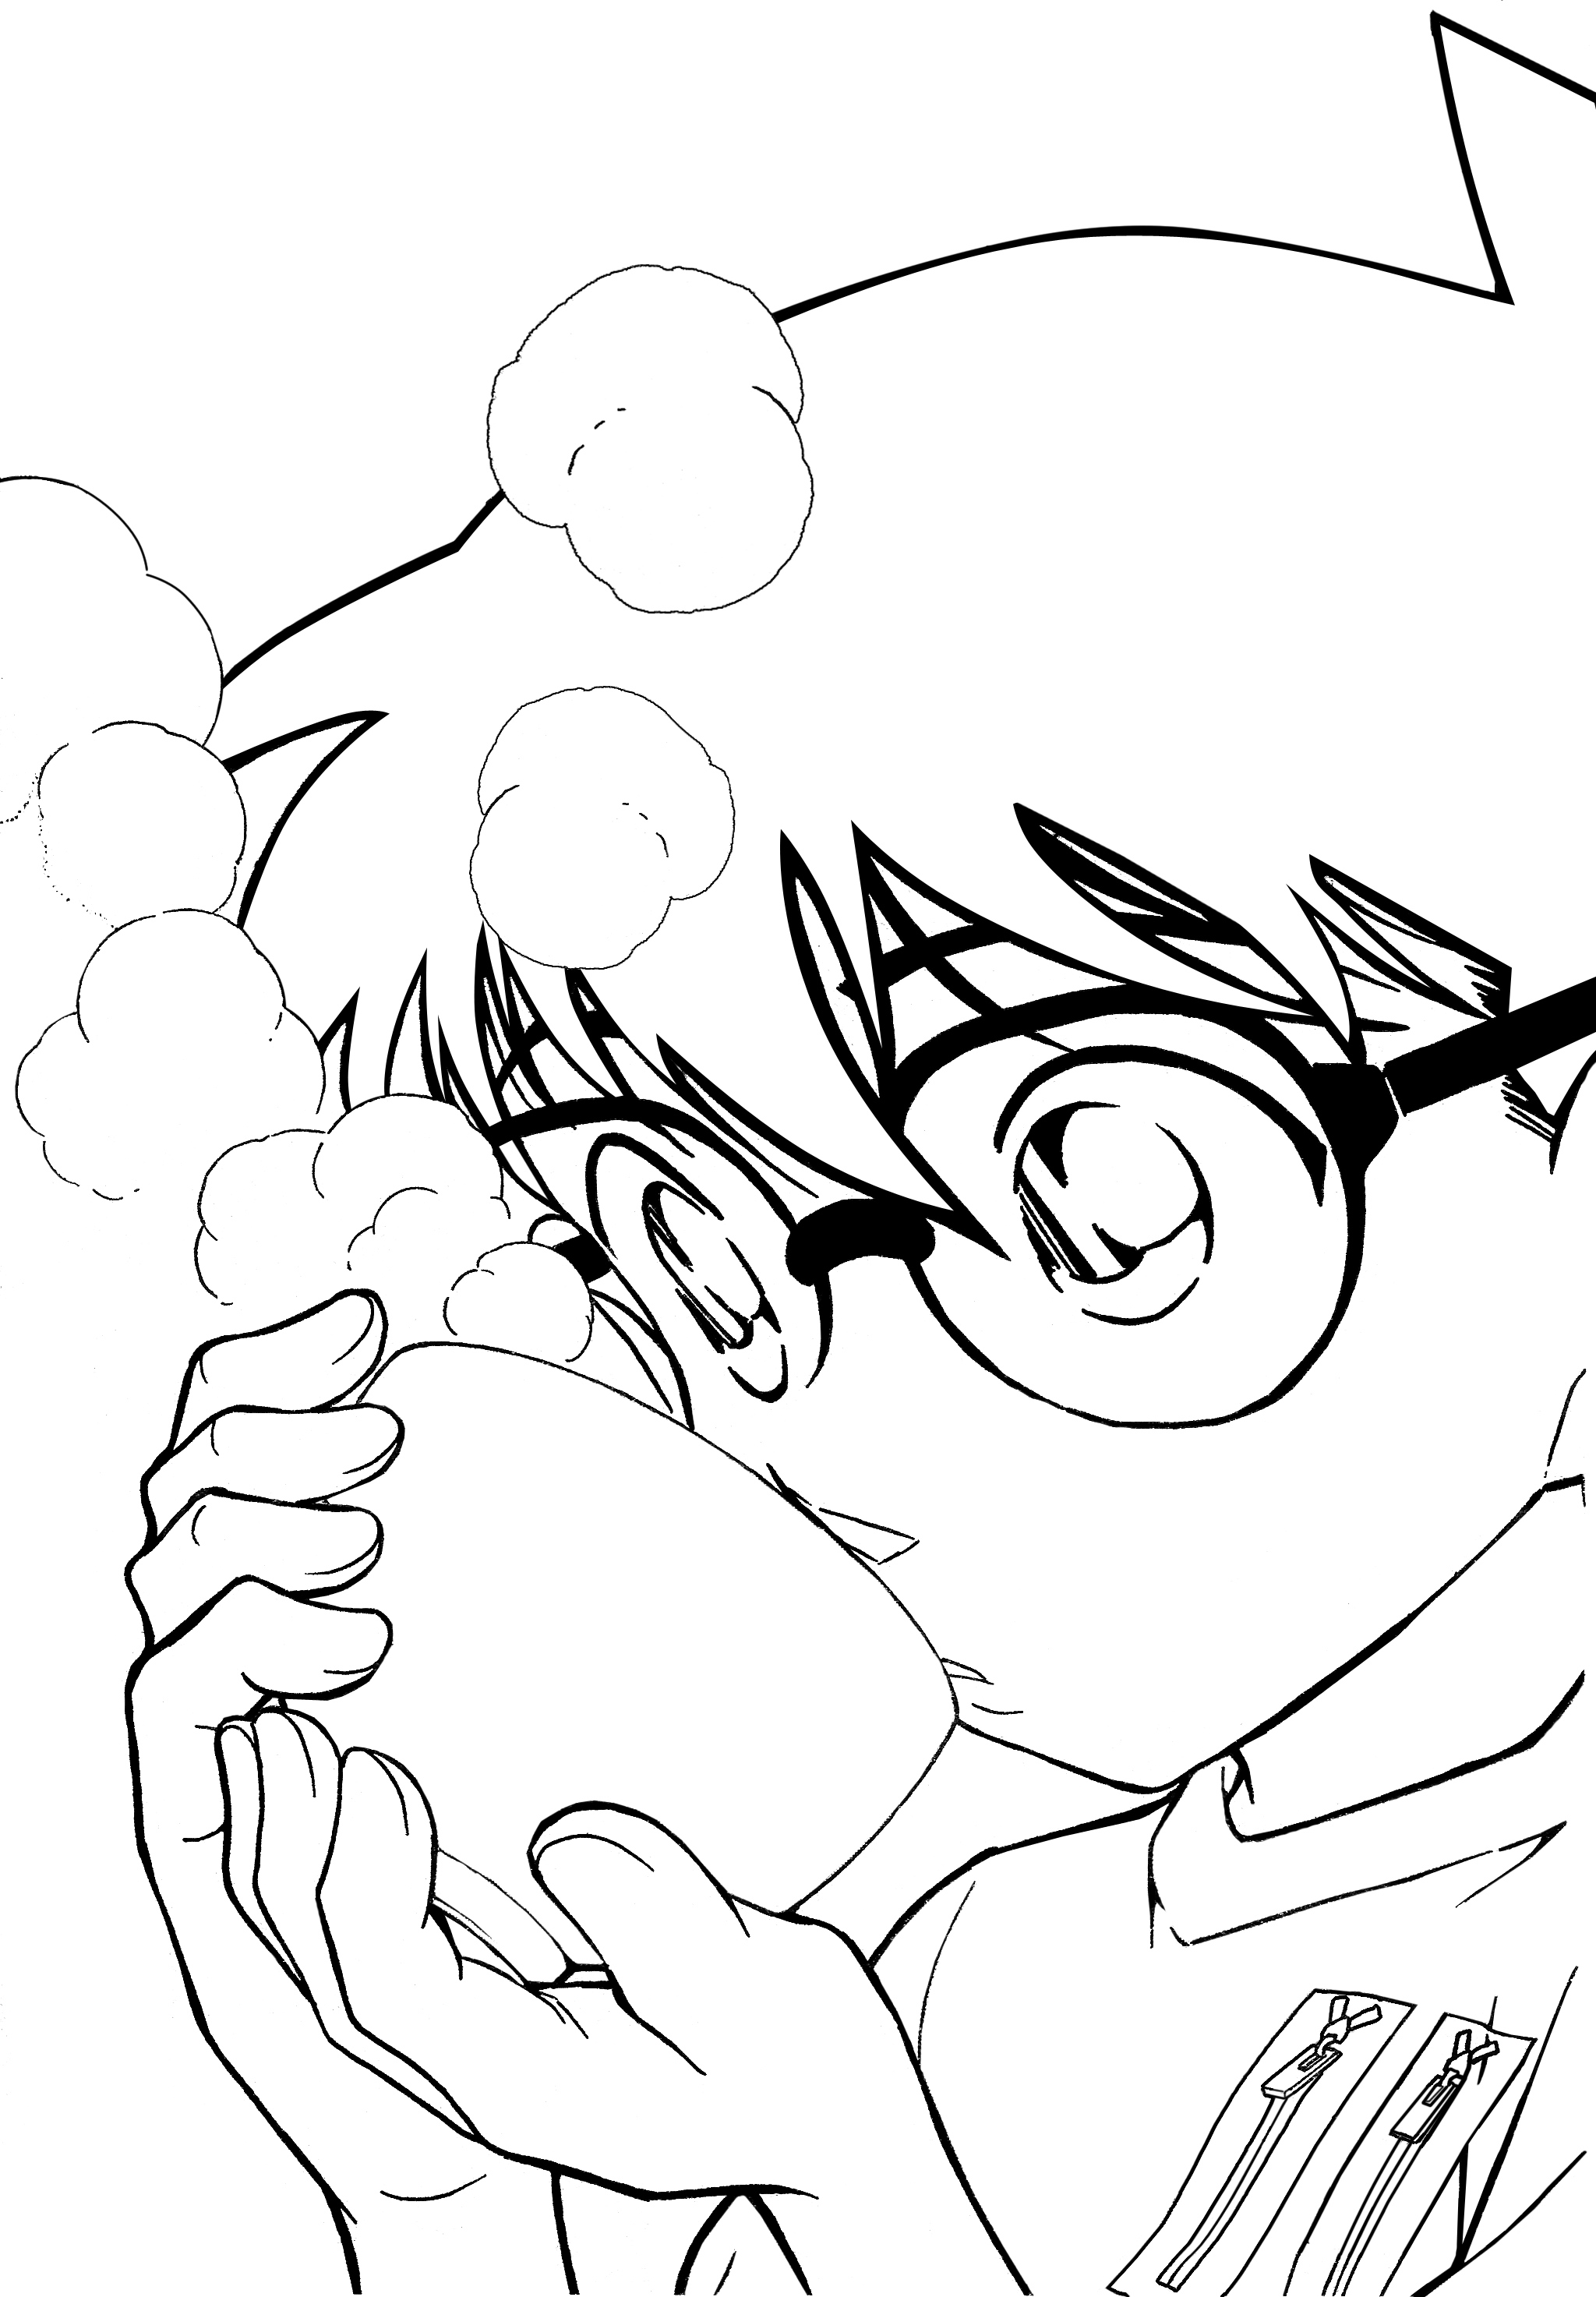 Conan coloring #5, Download drawings